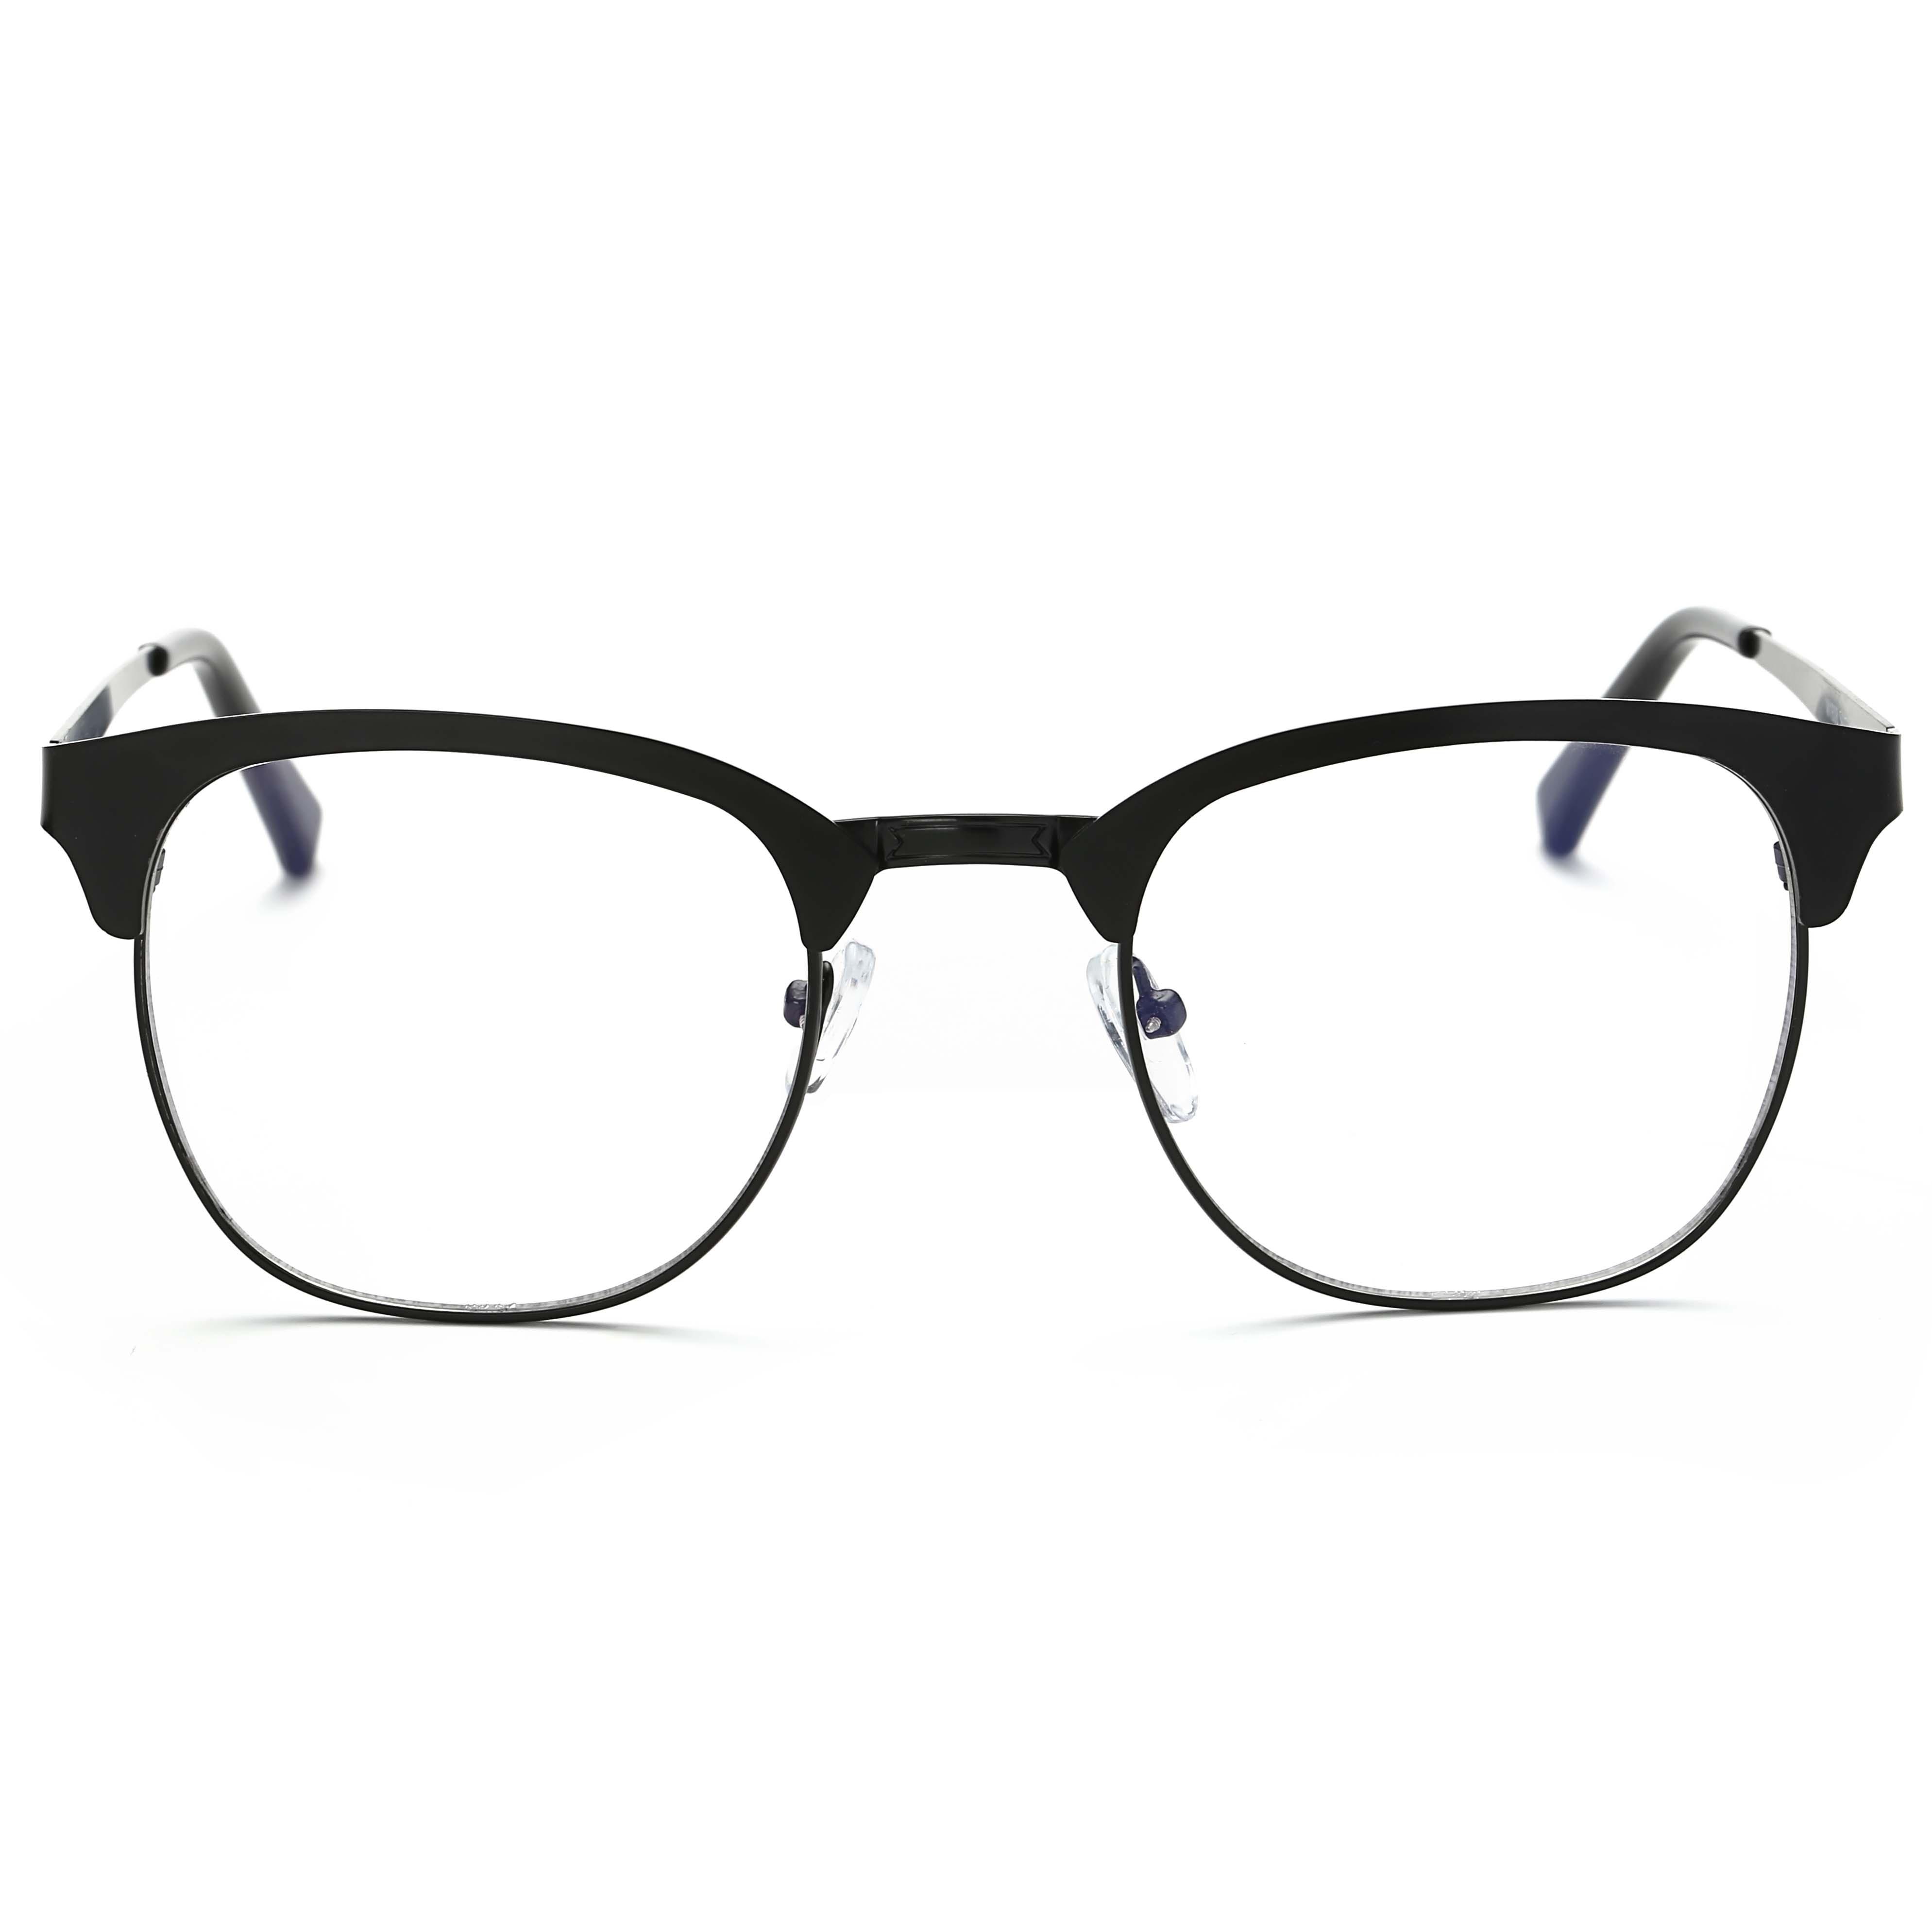 Niedlich Drahtrahmen Sonnenbrillen Ideen - Benutzerdefinierte ...